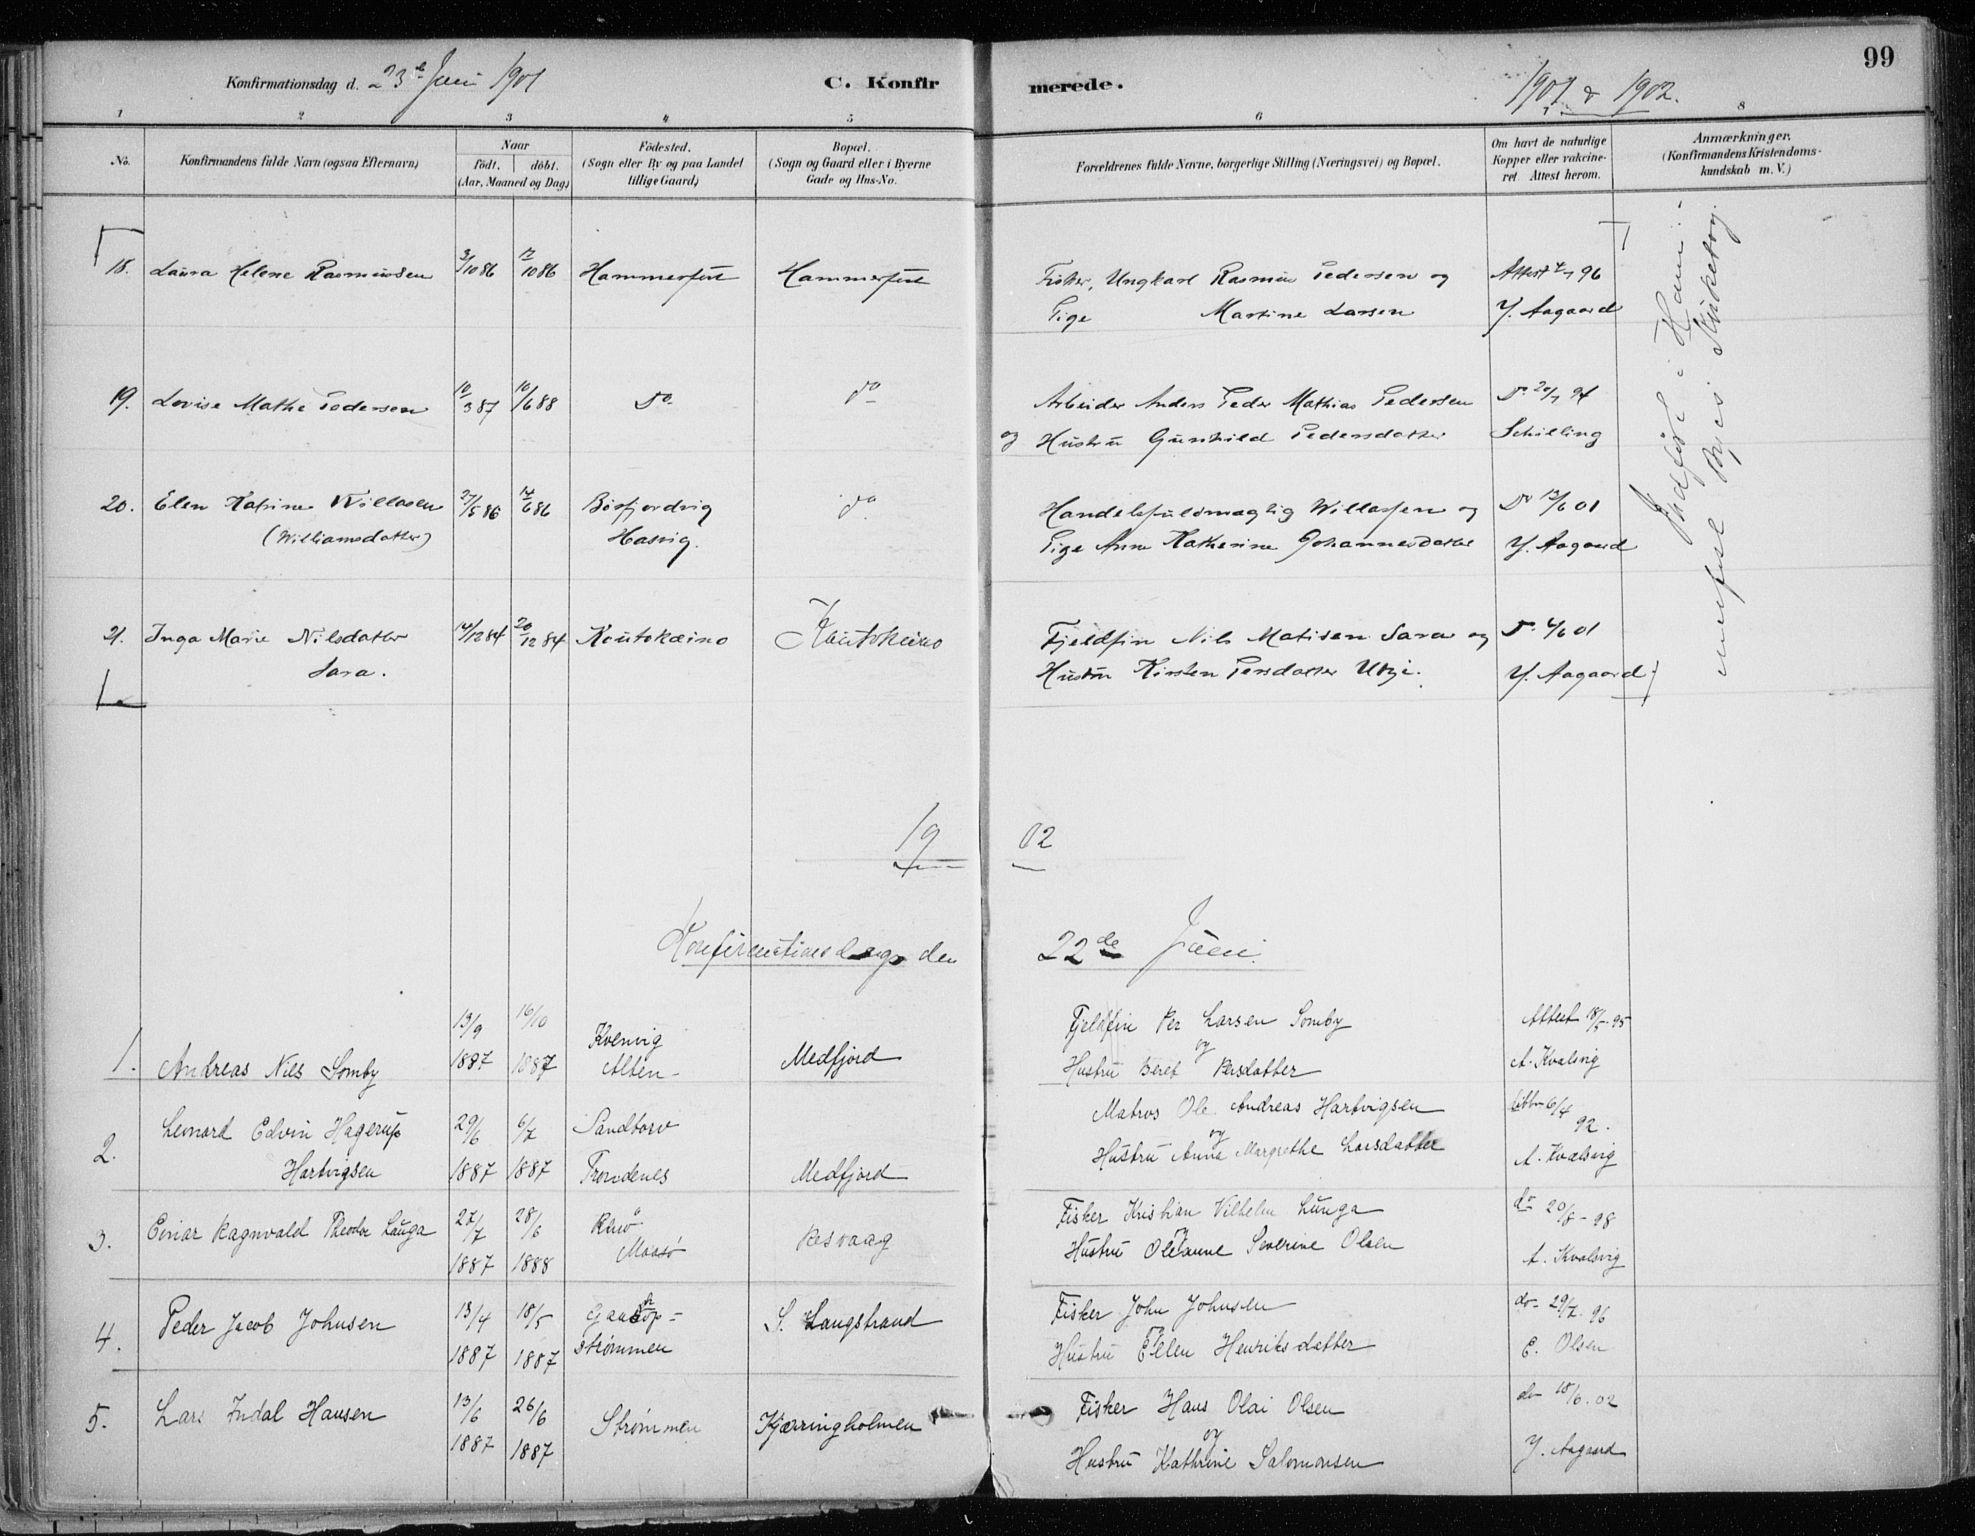 SATØ, Hammerfest sokneprestkontor, H/Ha/L0013.kirke: Ministerialbok nr. 13, 1898-1917, s. 99